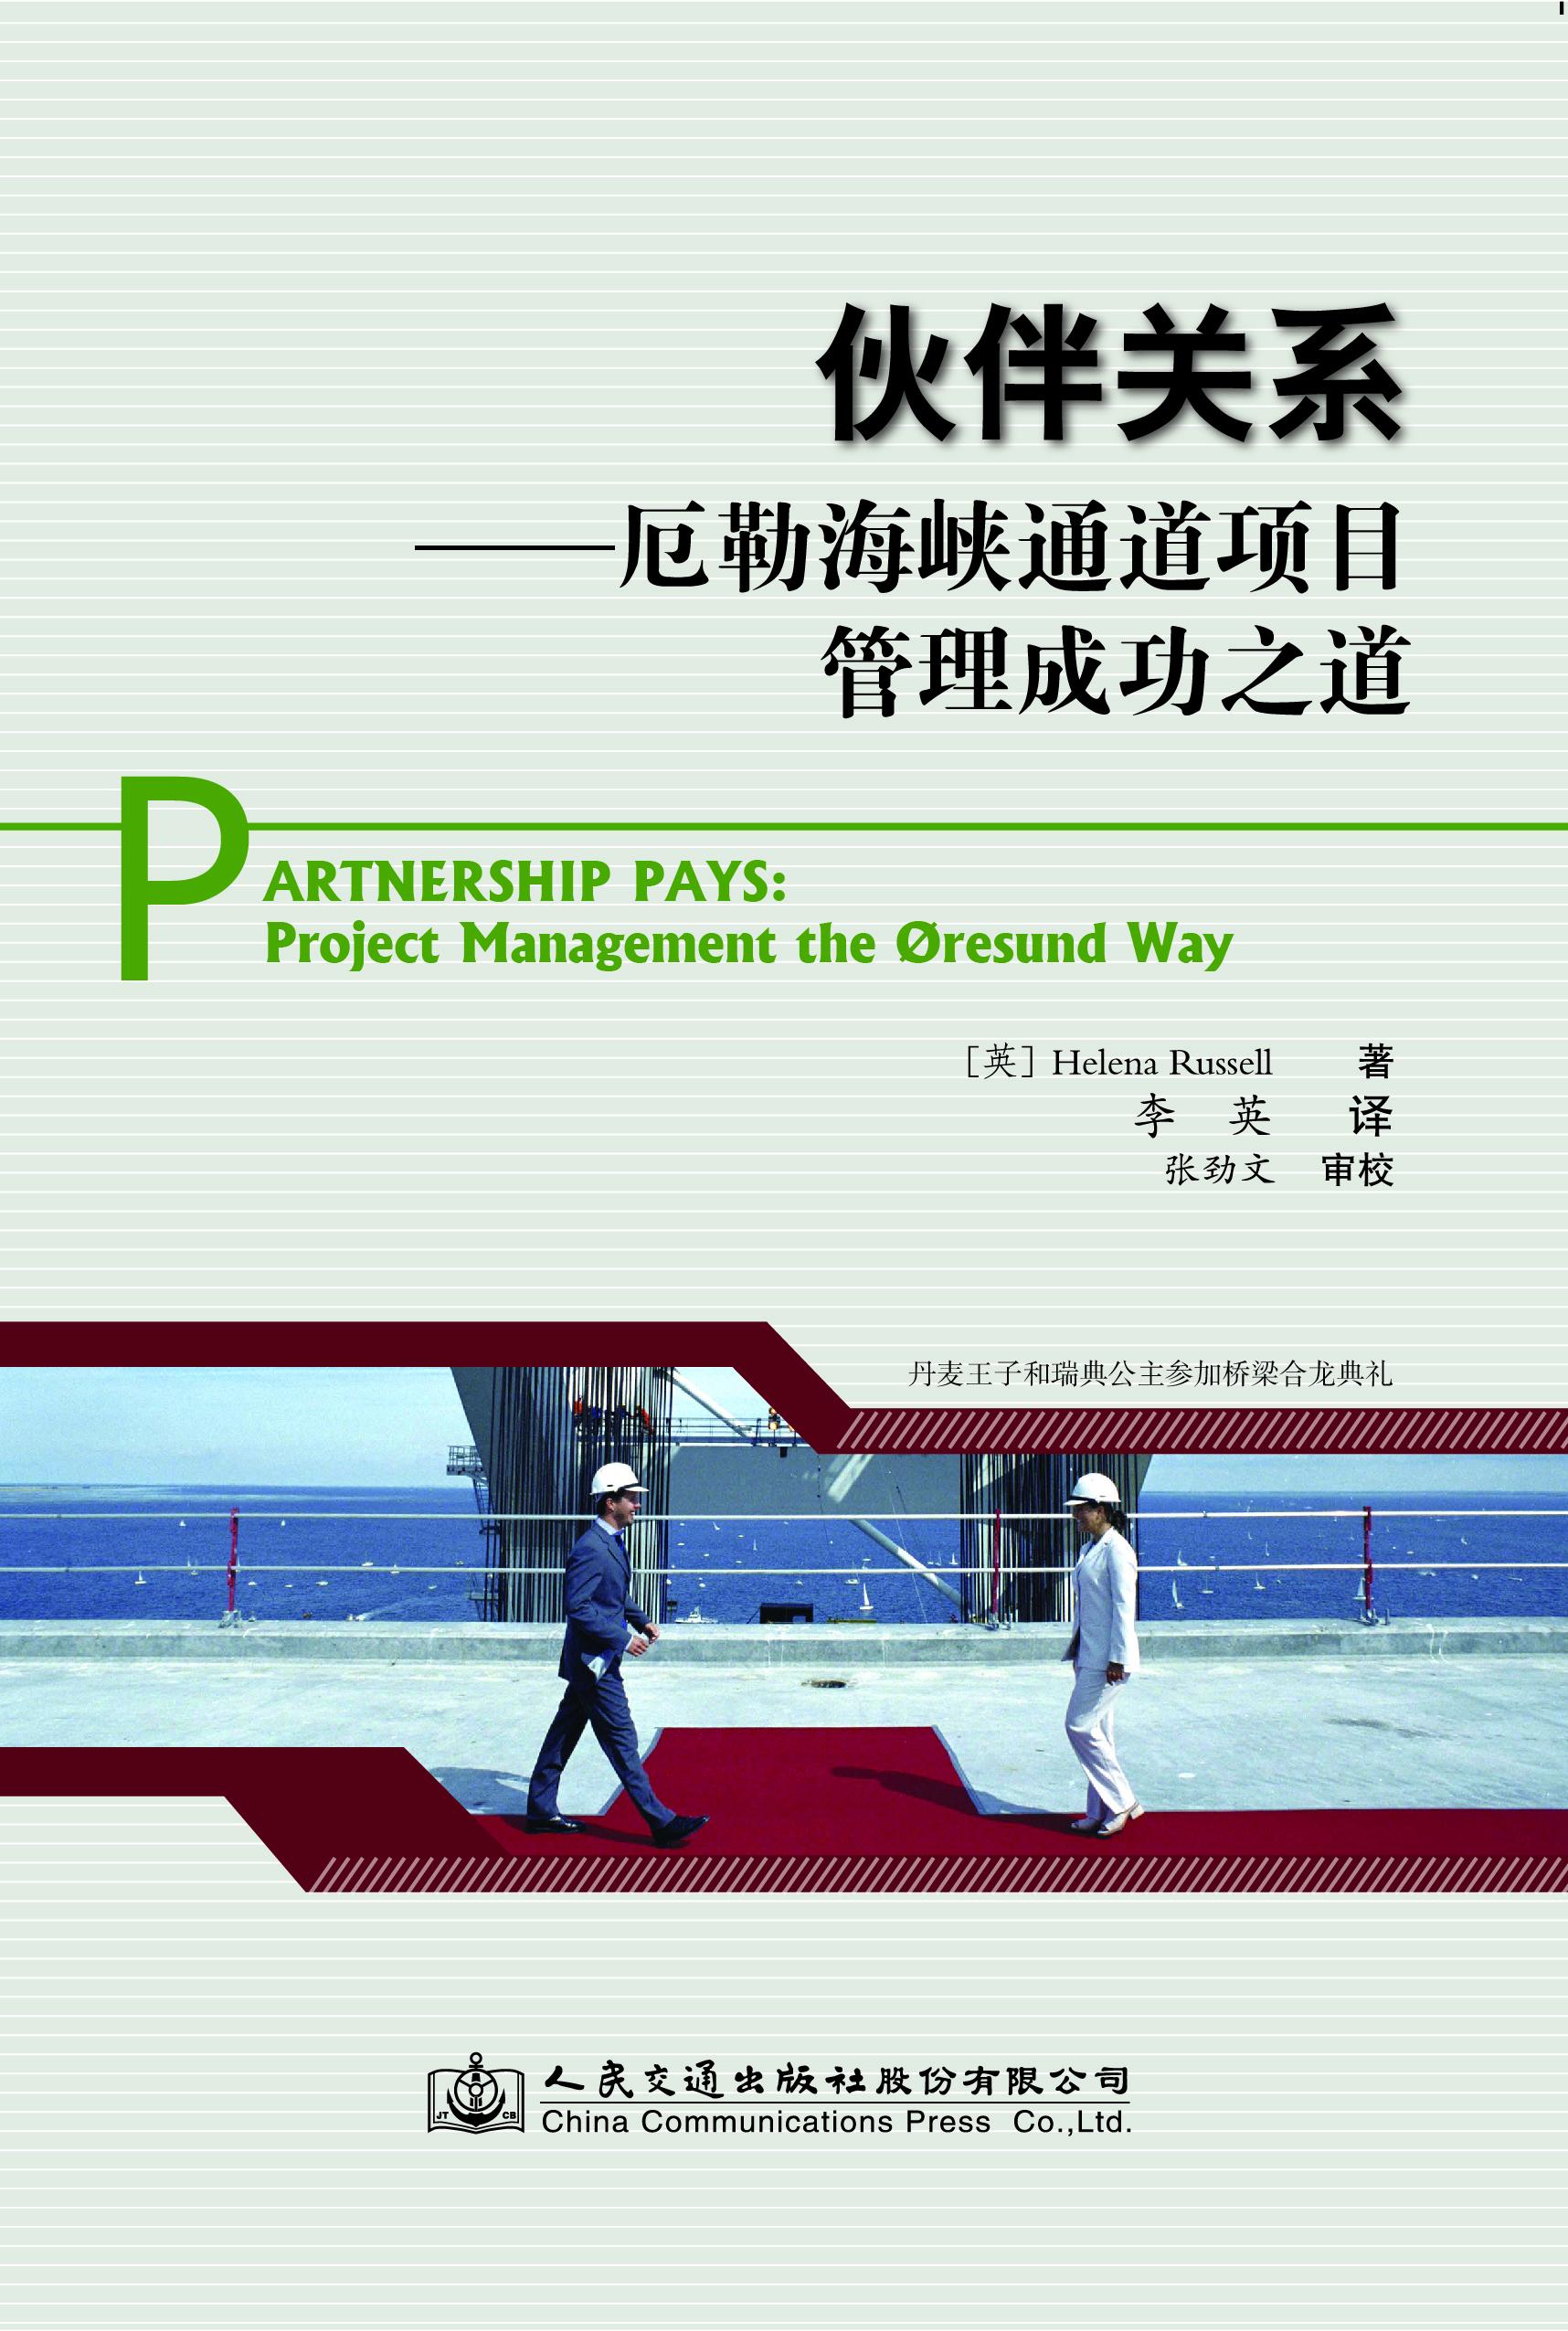 伙伴关系:厄勒海峡通道项目管理成功之道